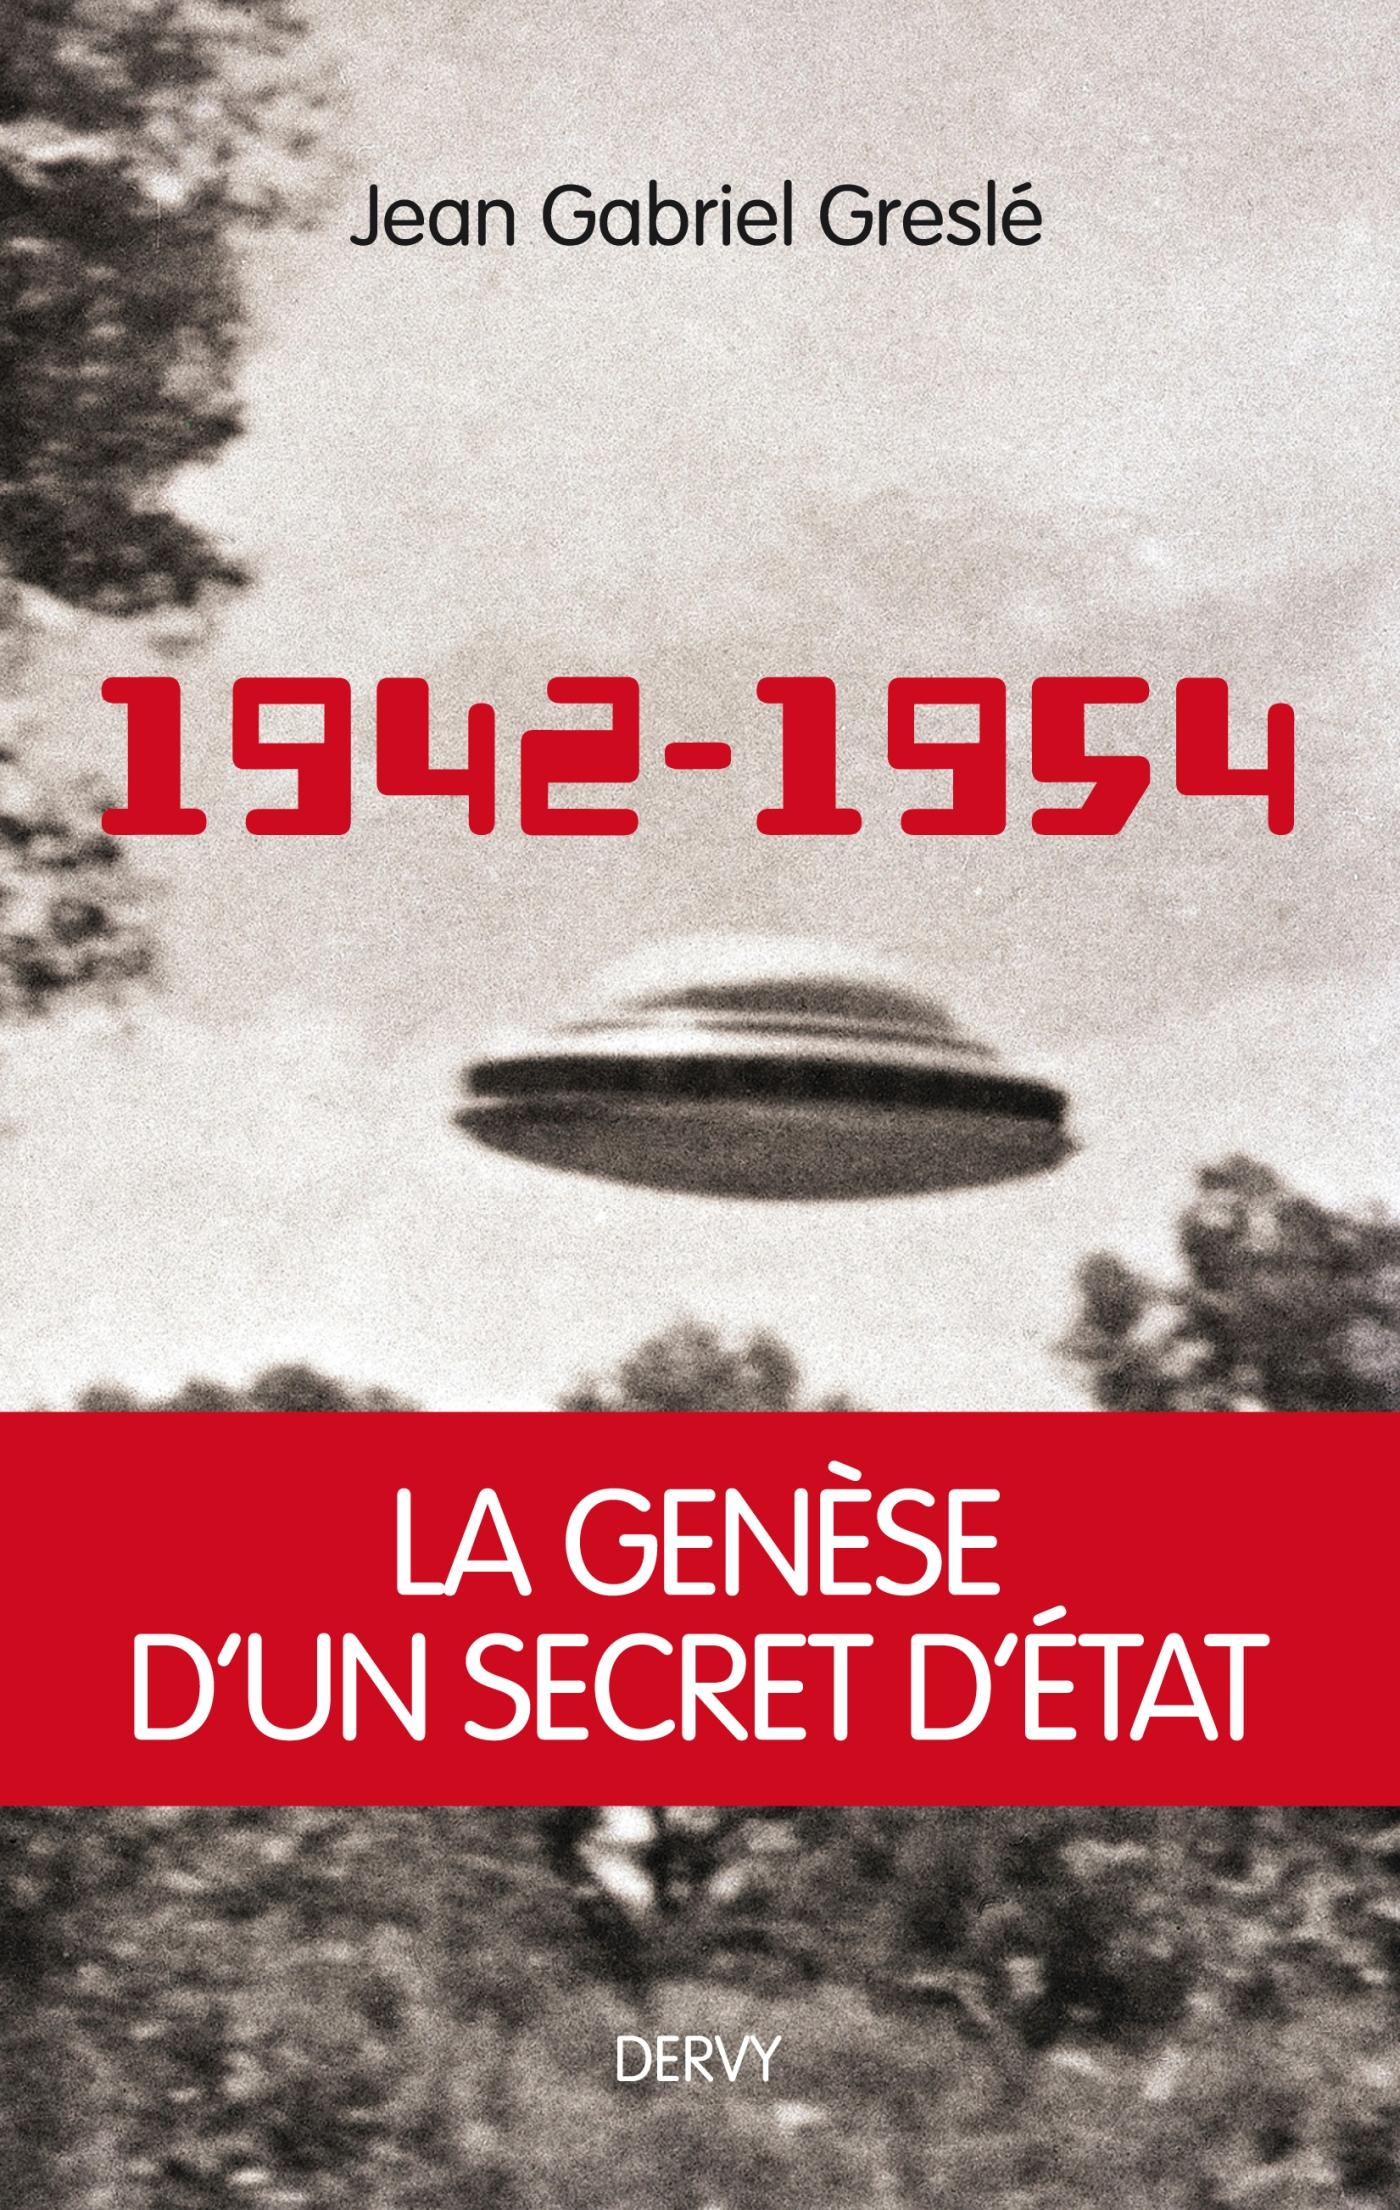 1942-1954 : La genèse d'un secret d'État